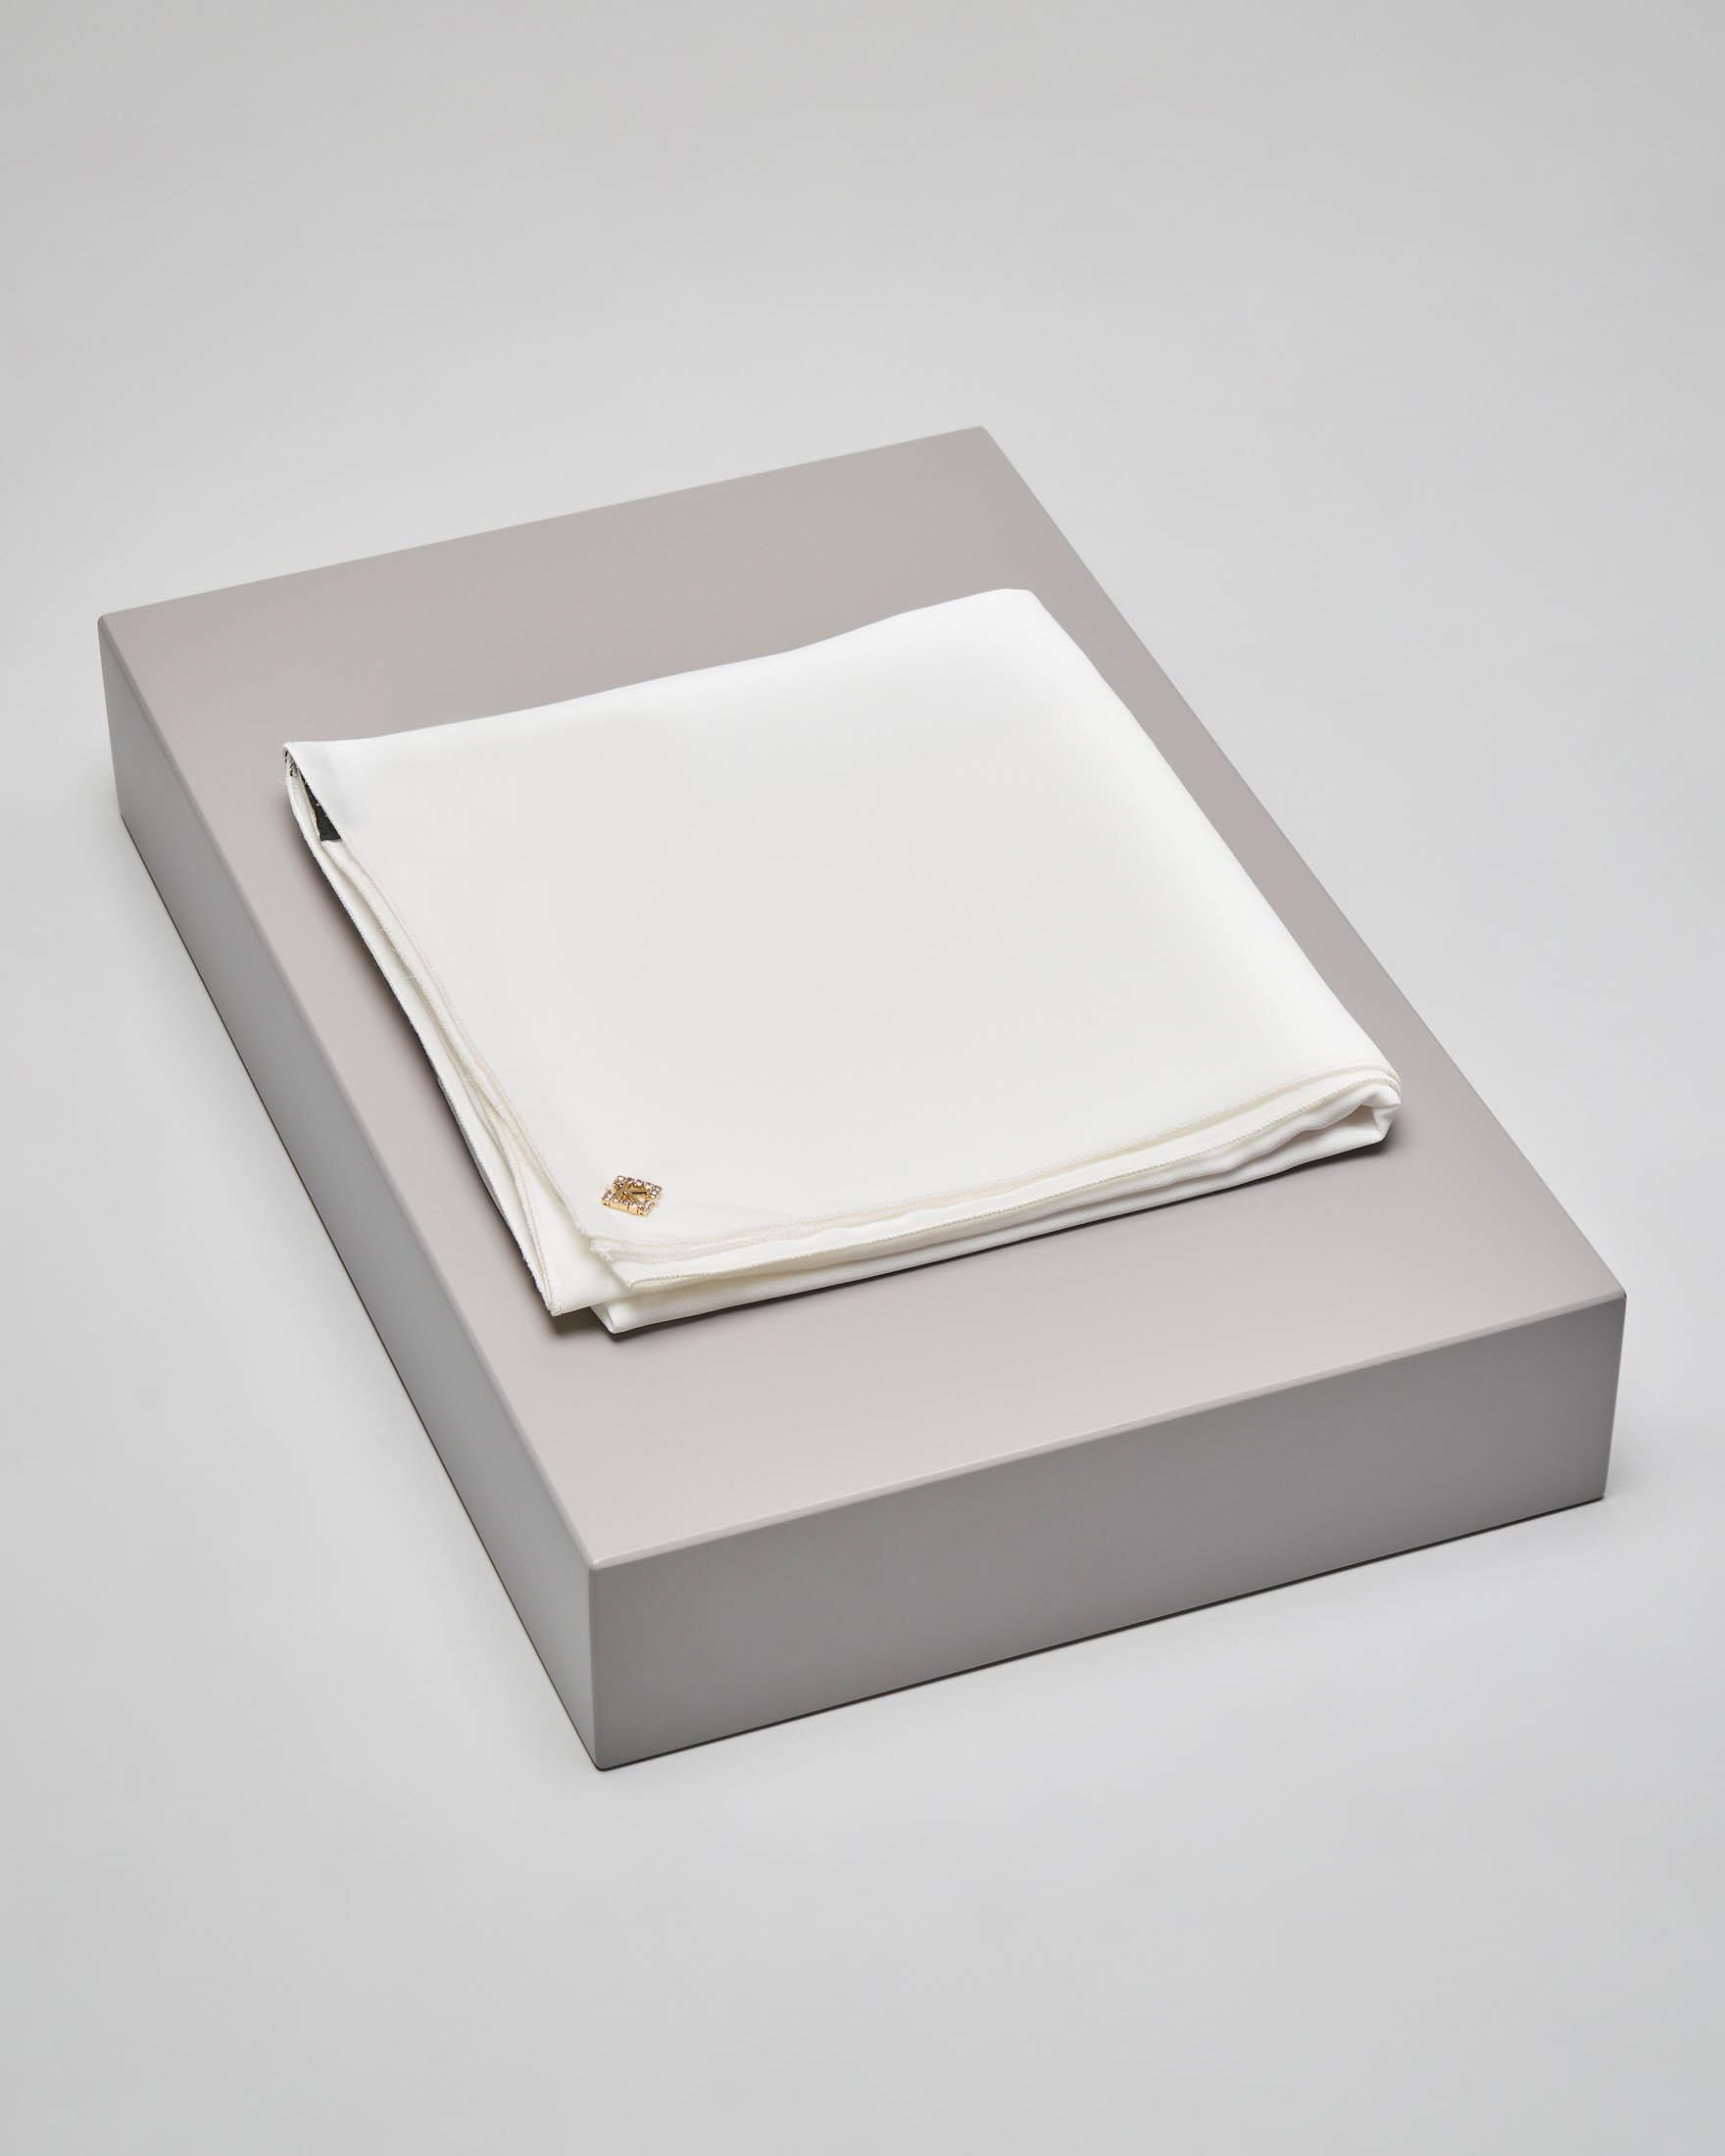 Stola bianca in tessuto effetto chiffon di seta